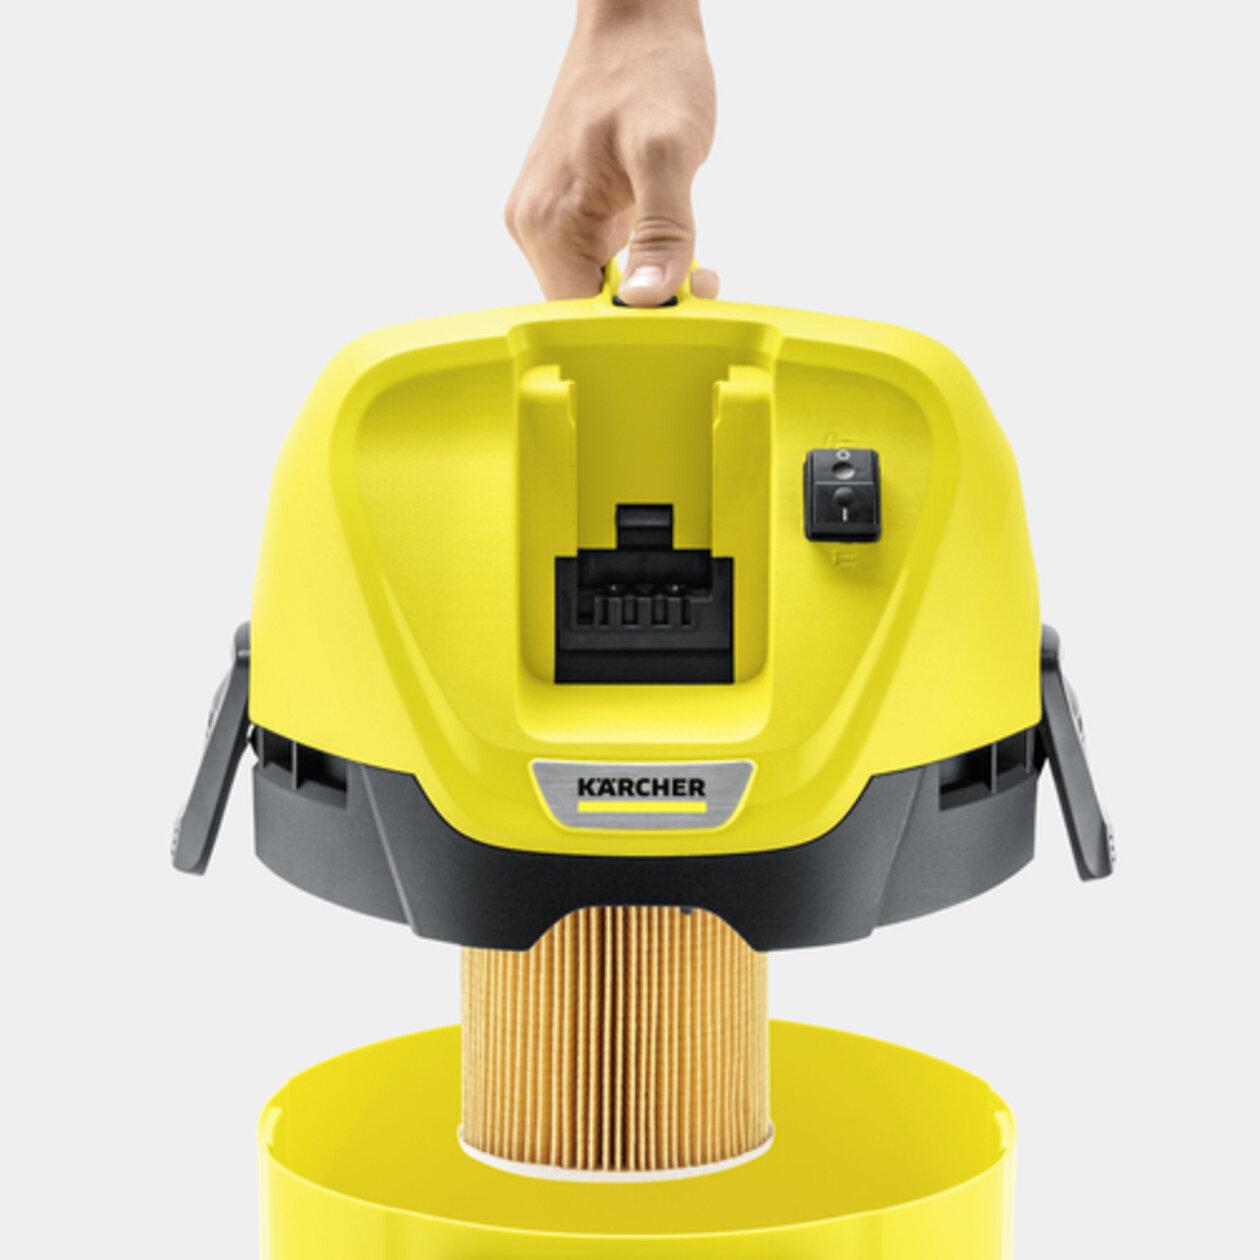 Хозяйственный пылесос WD 3 Battery Set: Специальный патронный фильтр